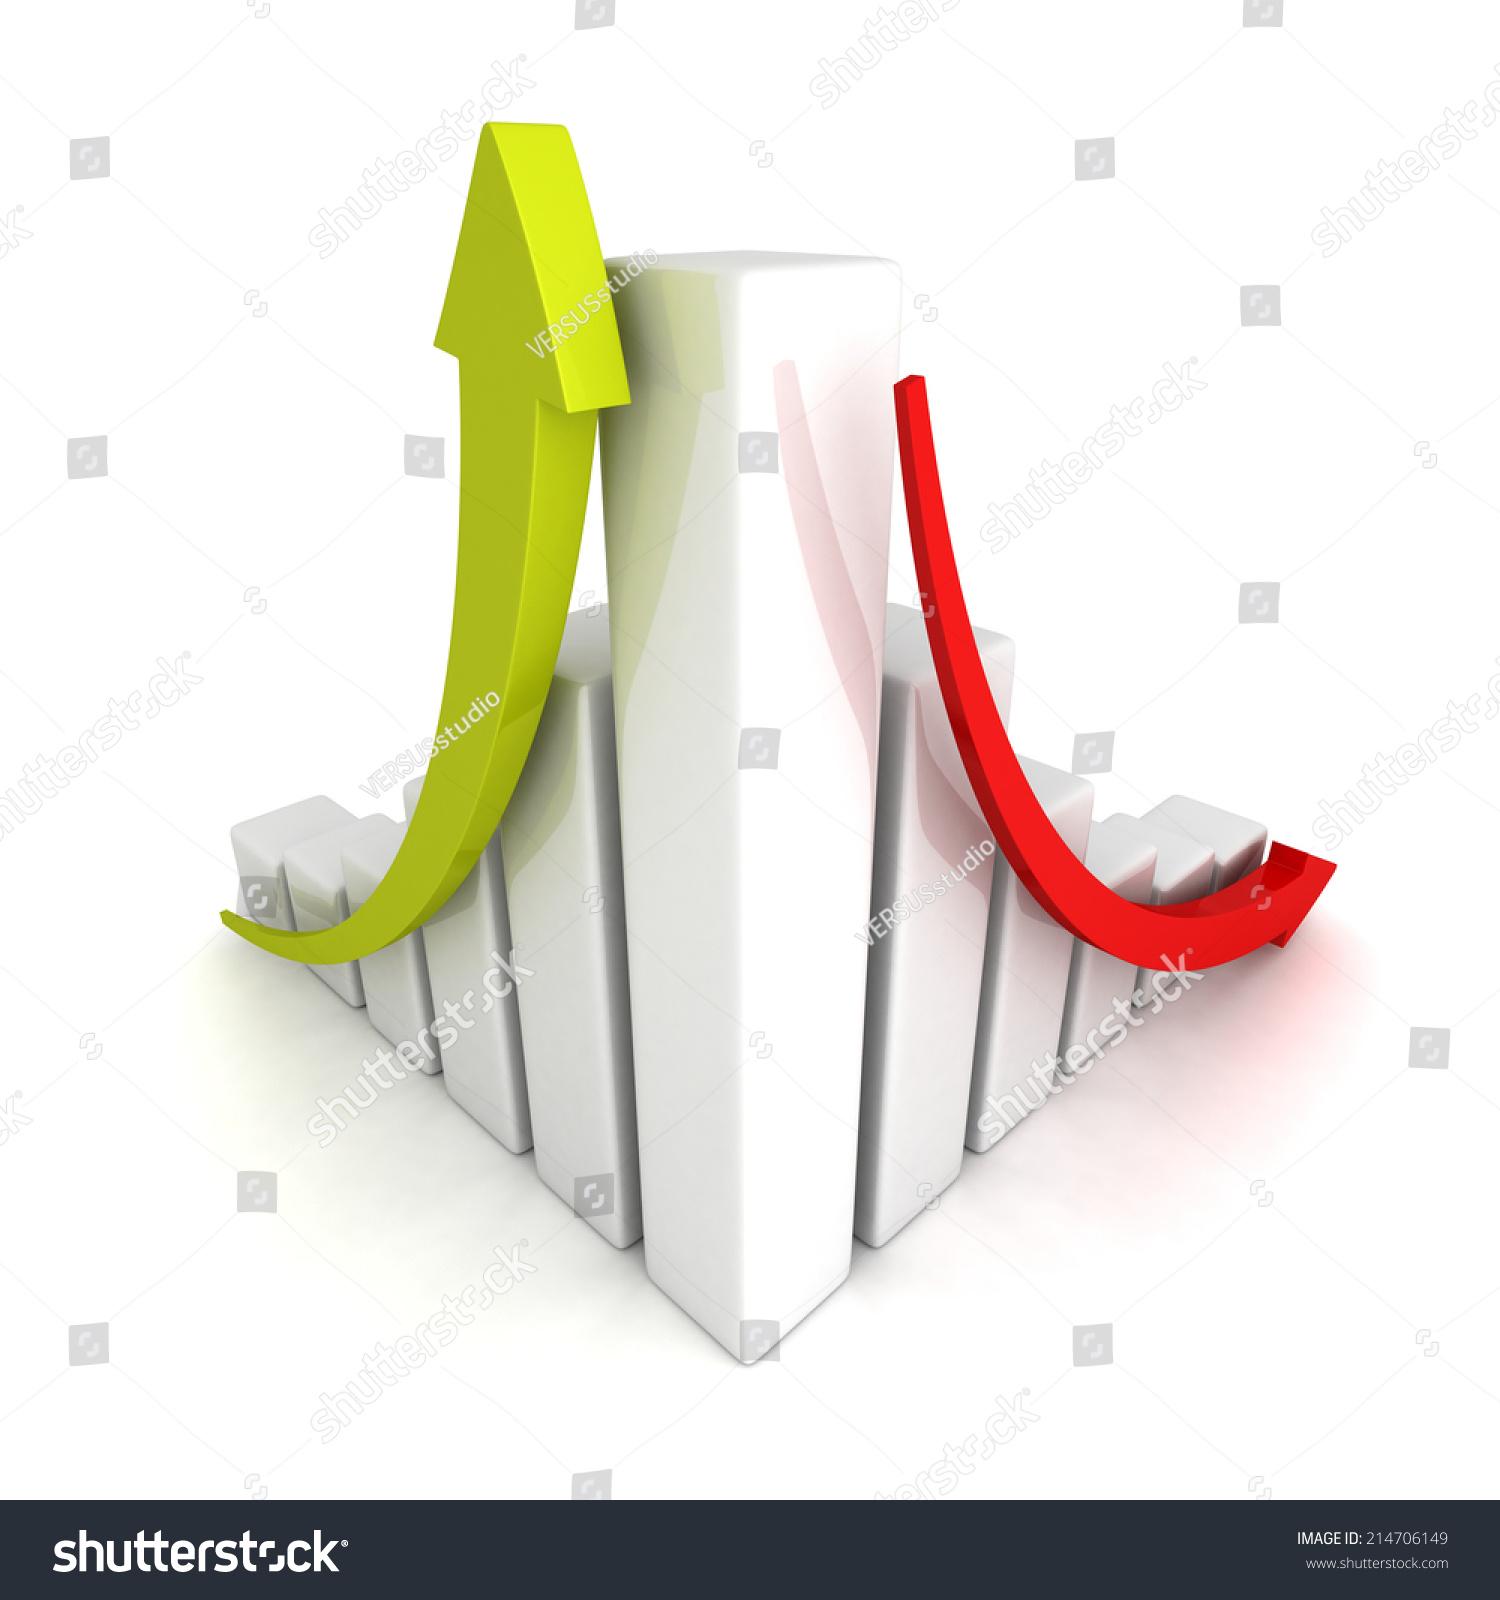 成功和危机金融条形图向上和向下箭头.3 d渲染图